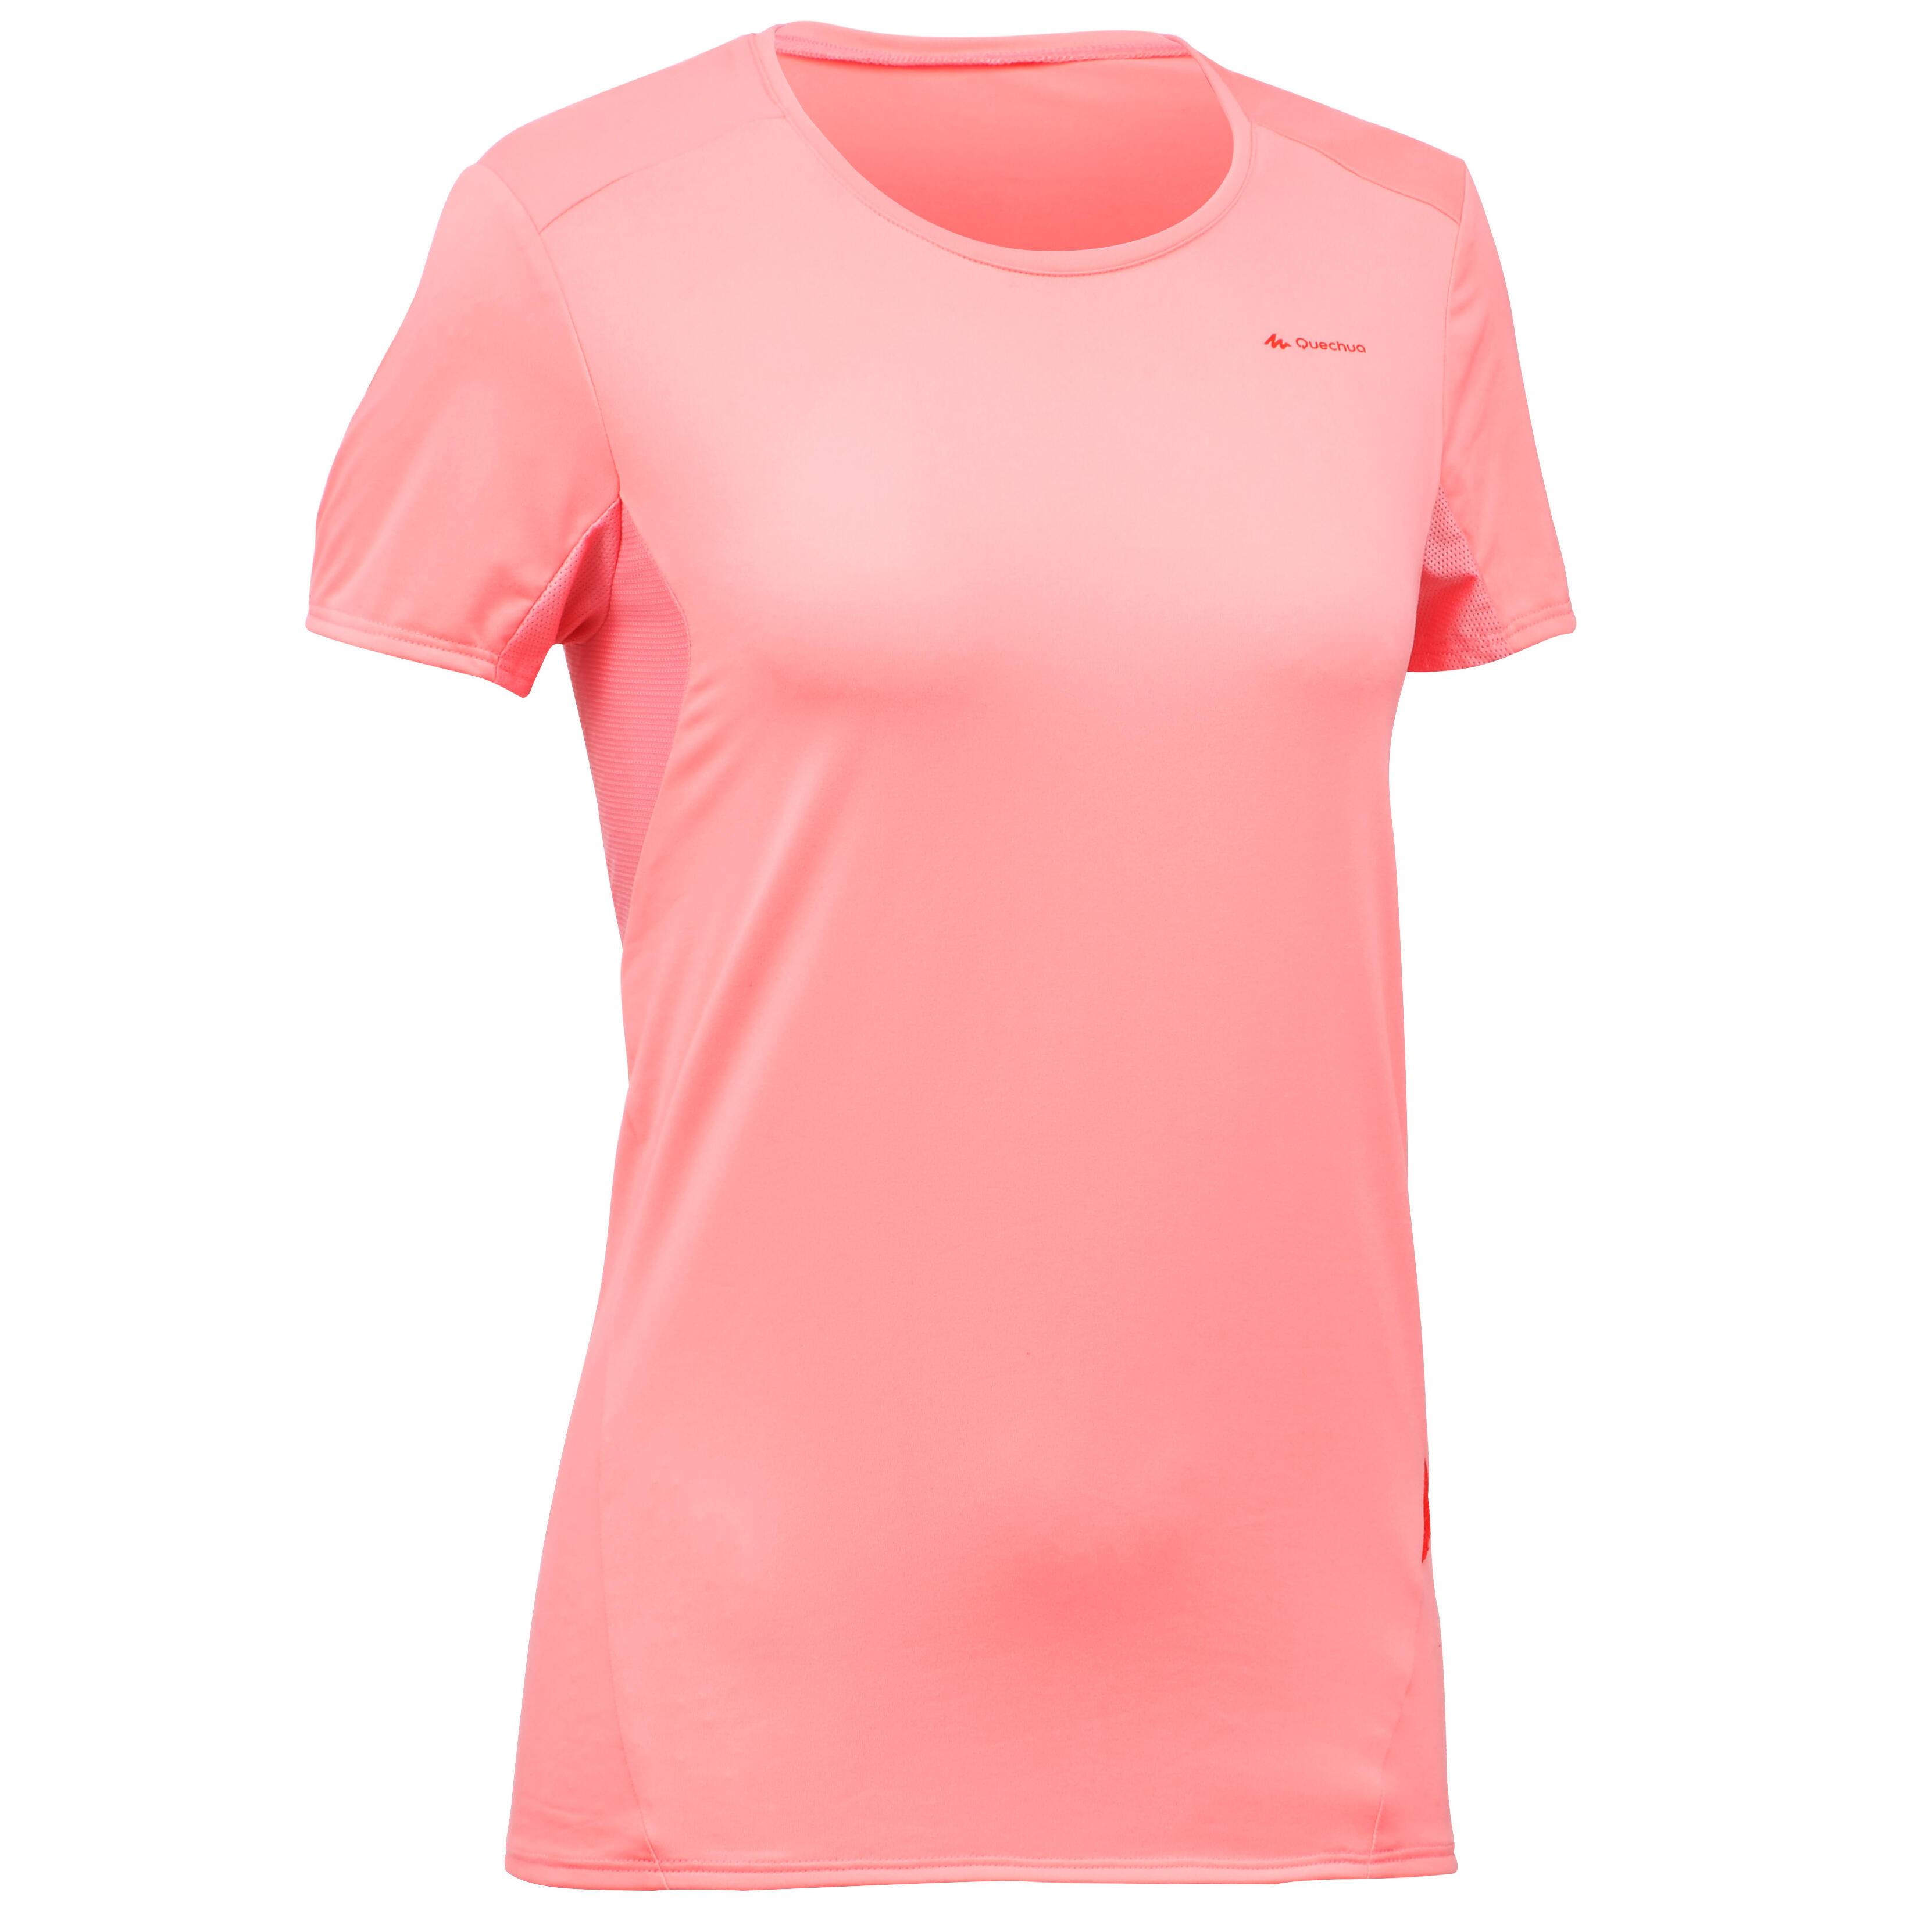 Playera de manga corta de senderismo en montaña MH100 mujer rosa lichi